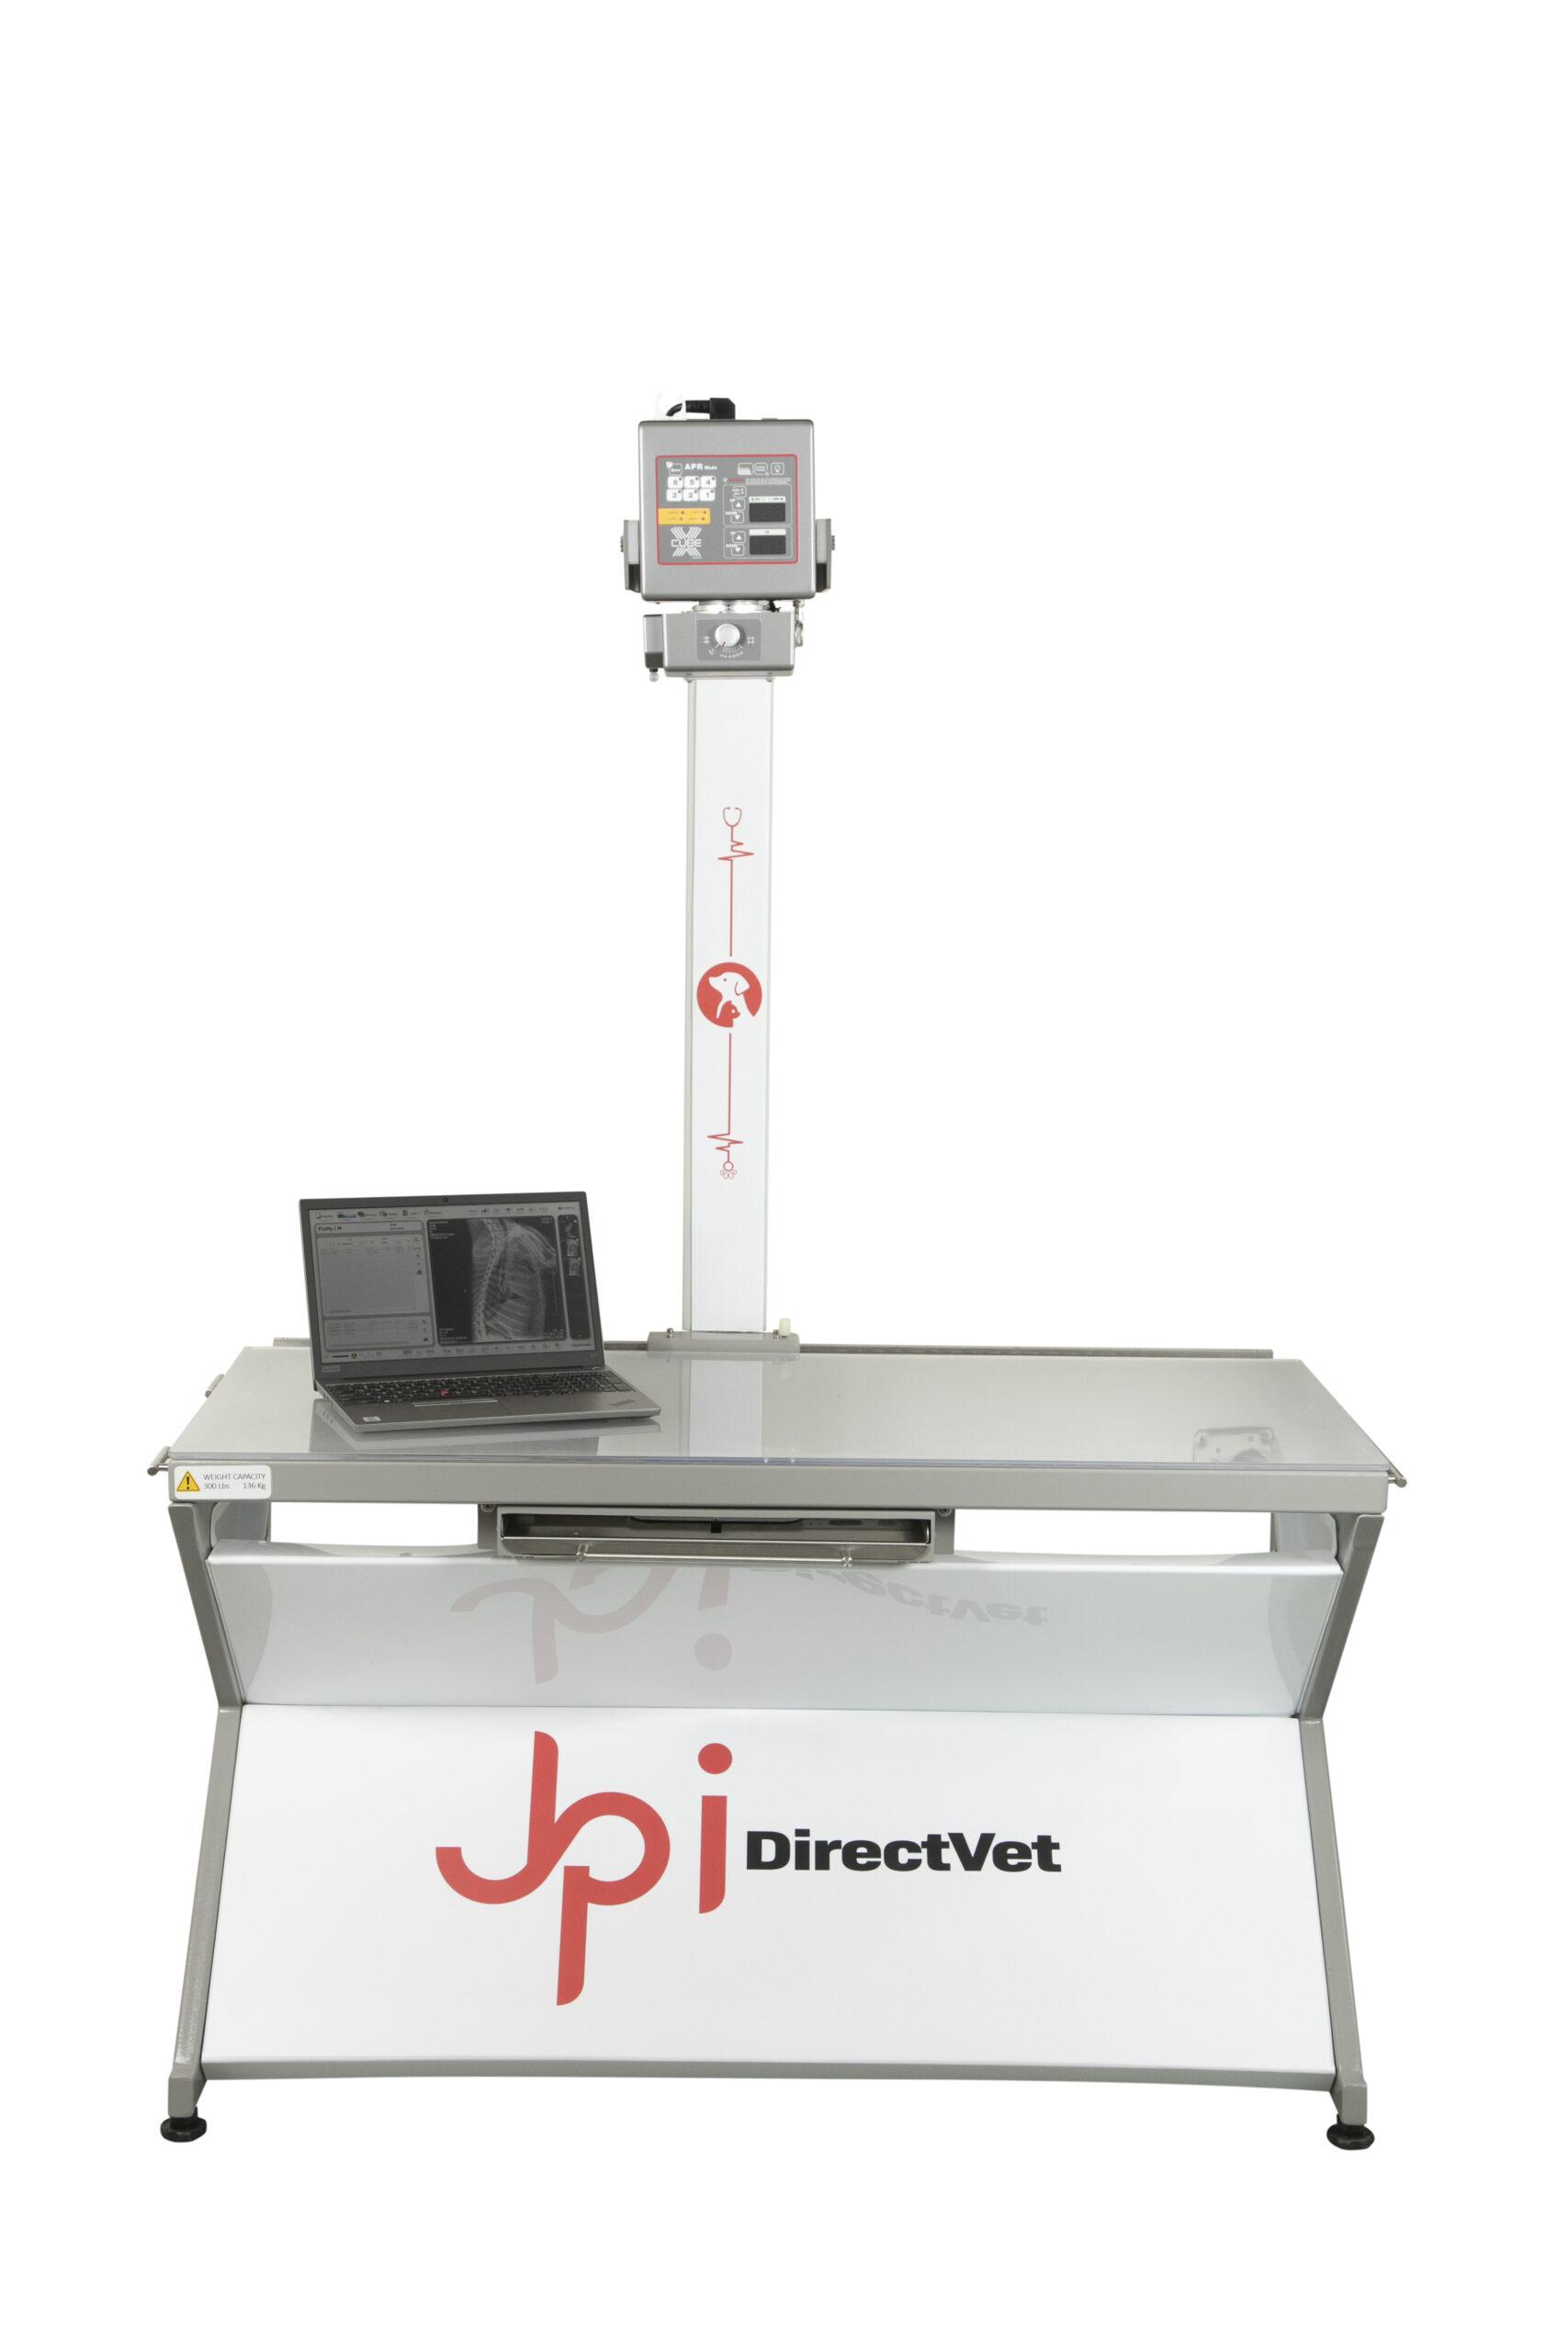 ExamVue Veterinary Installs DirectVet Digital X-ray System in Texas